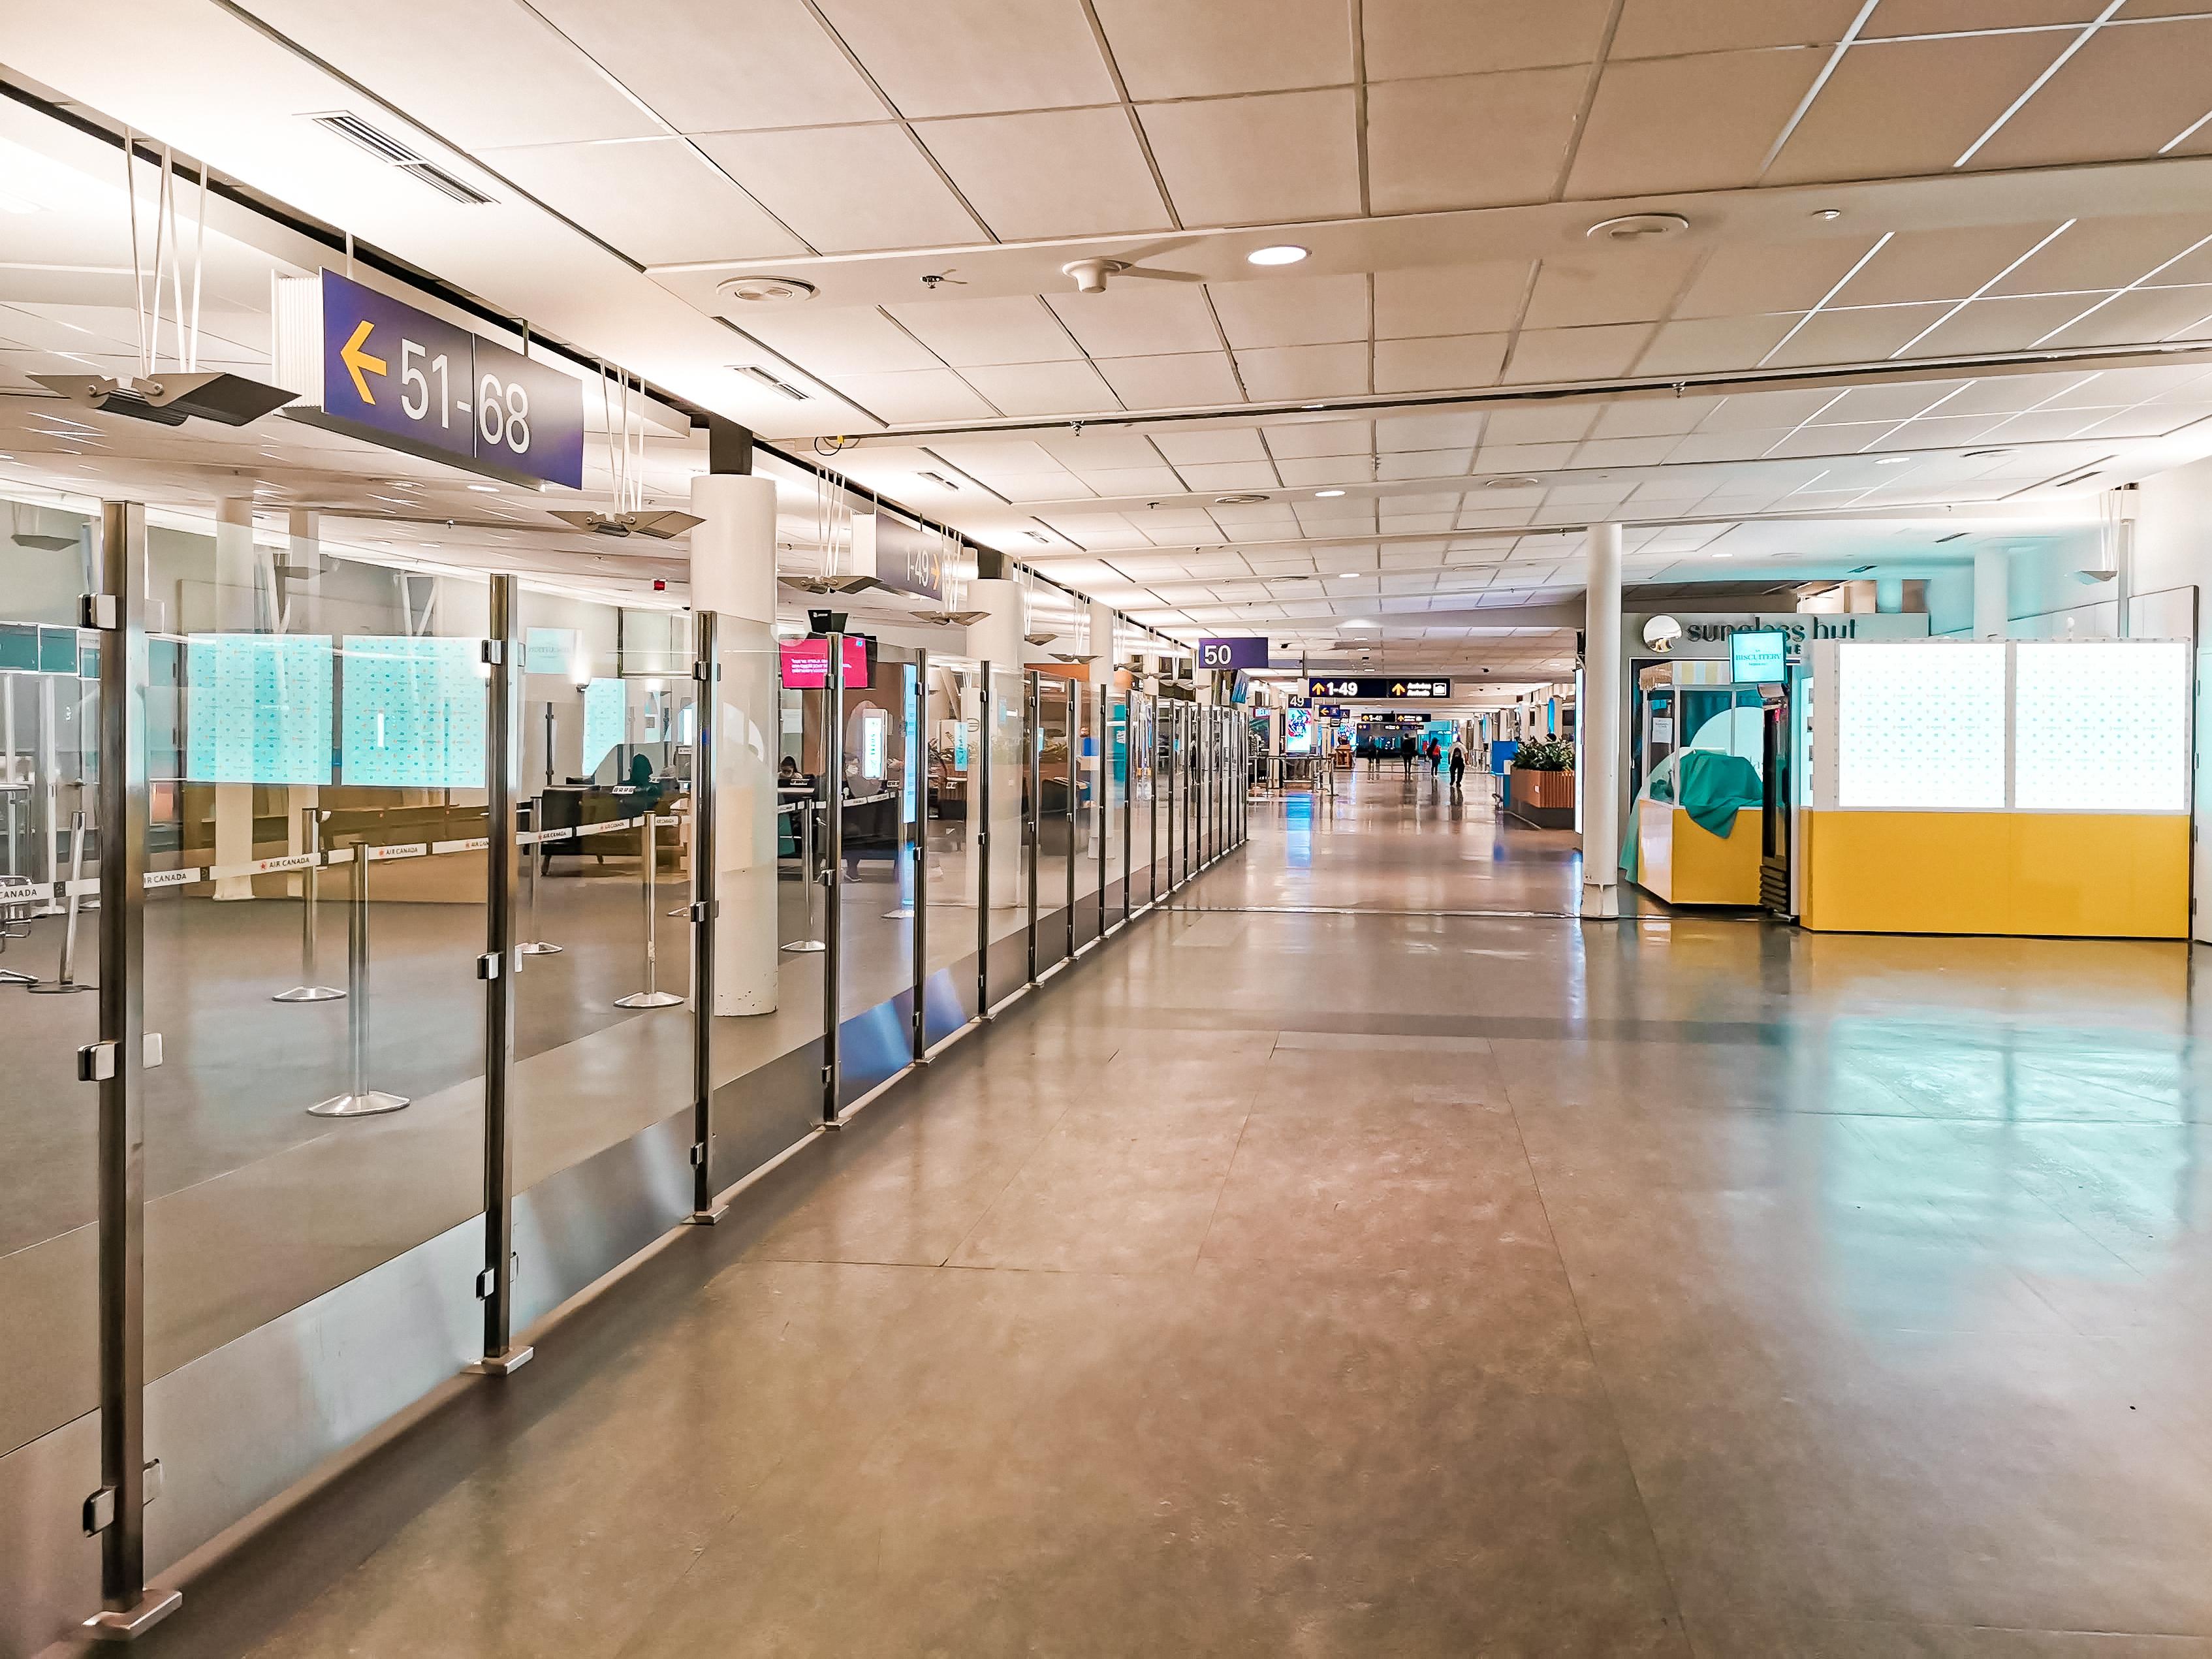 protocoles de sécurité dans les aéroports